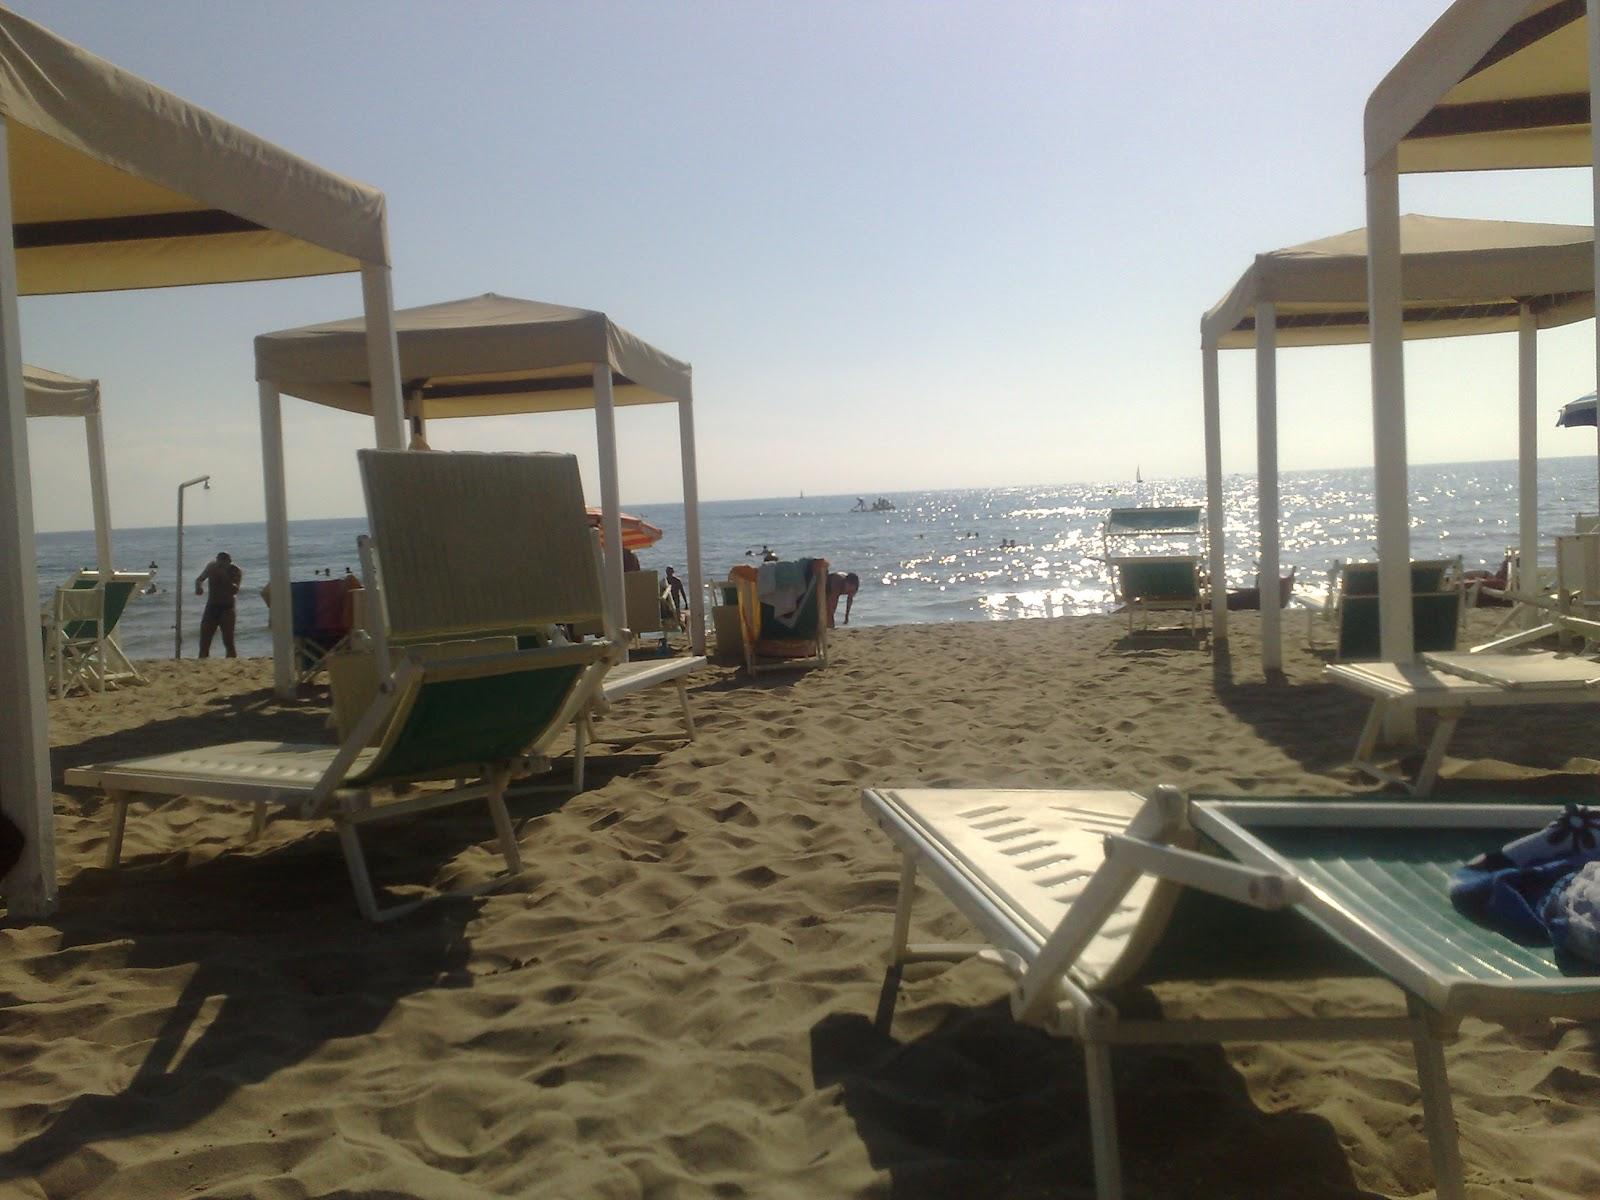 Prendiladitacco mini vacanza - Bagno elisabetta viareggio ...